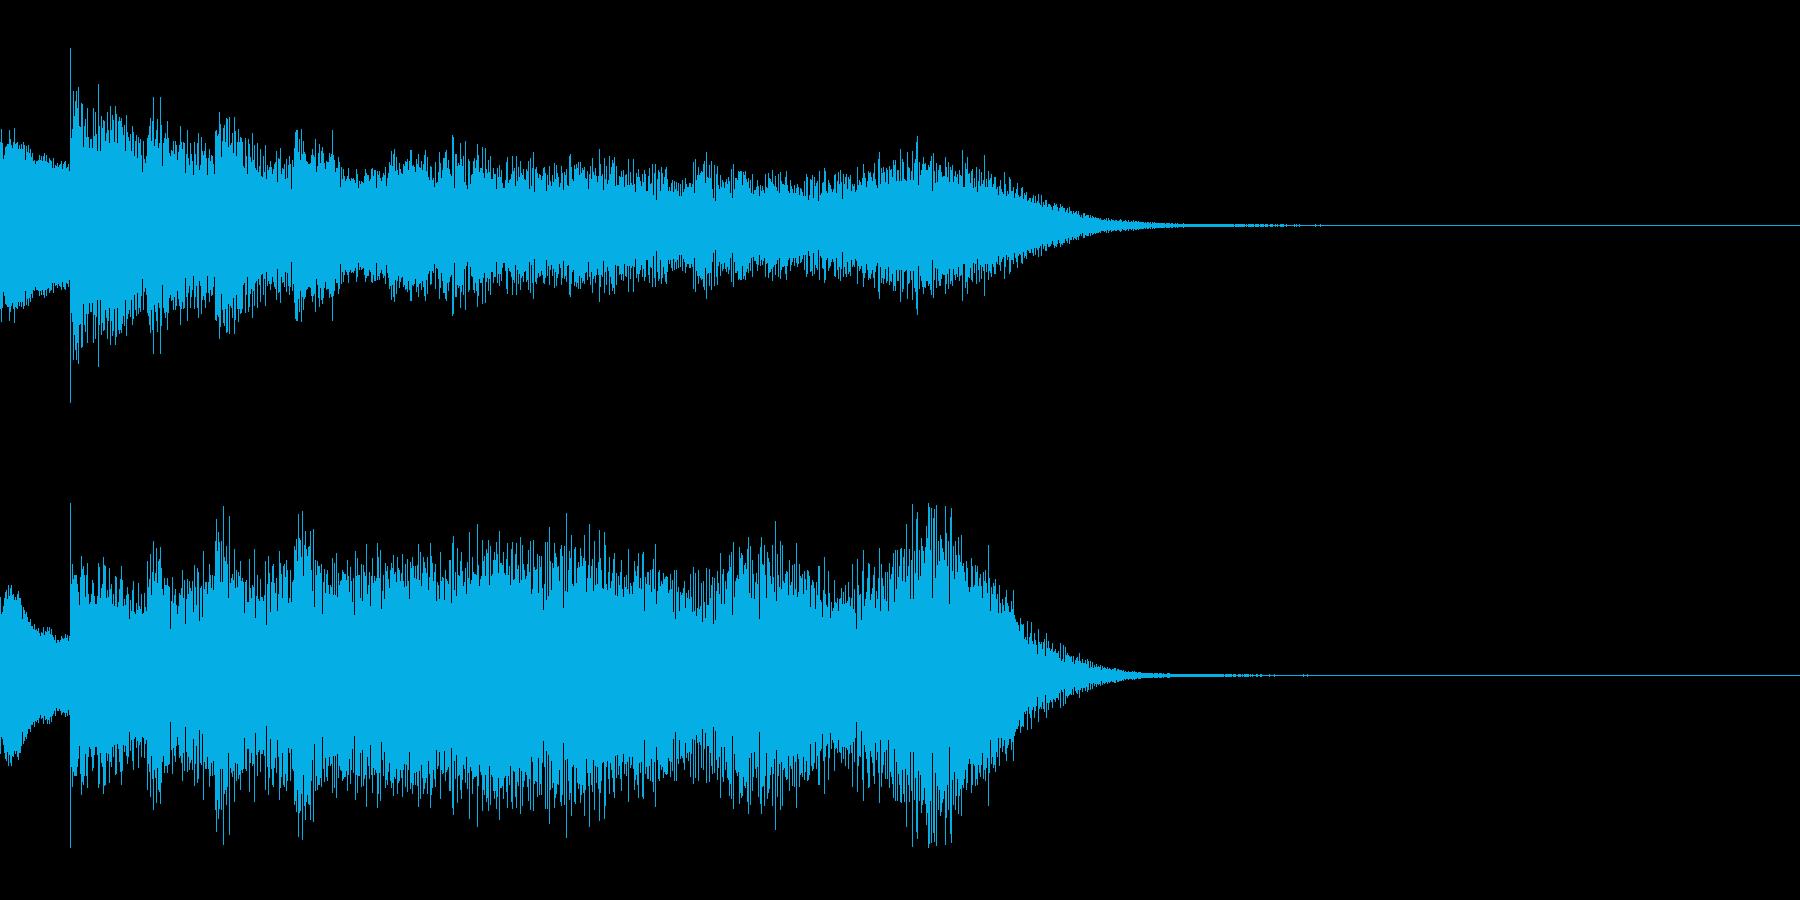 ゆっくり 現れる 登場 変化 変身 実験の再生済みの波形